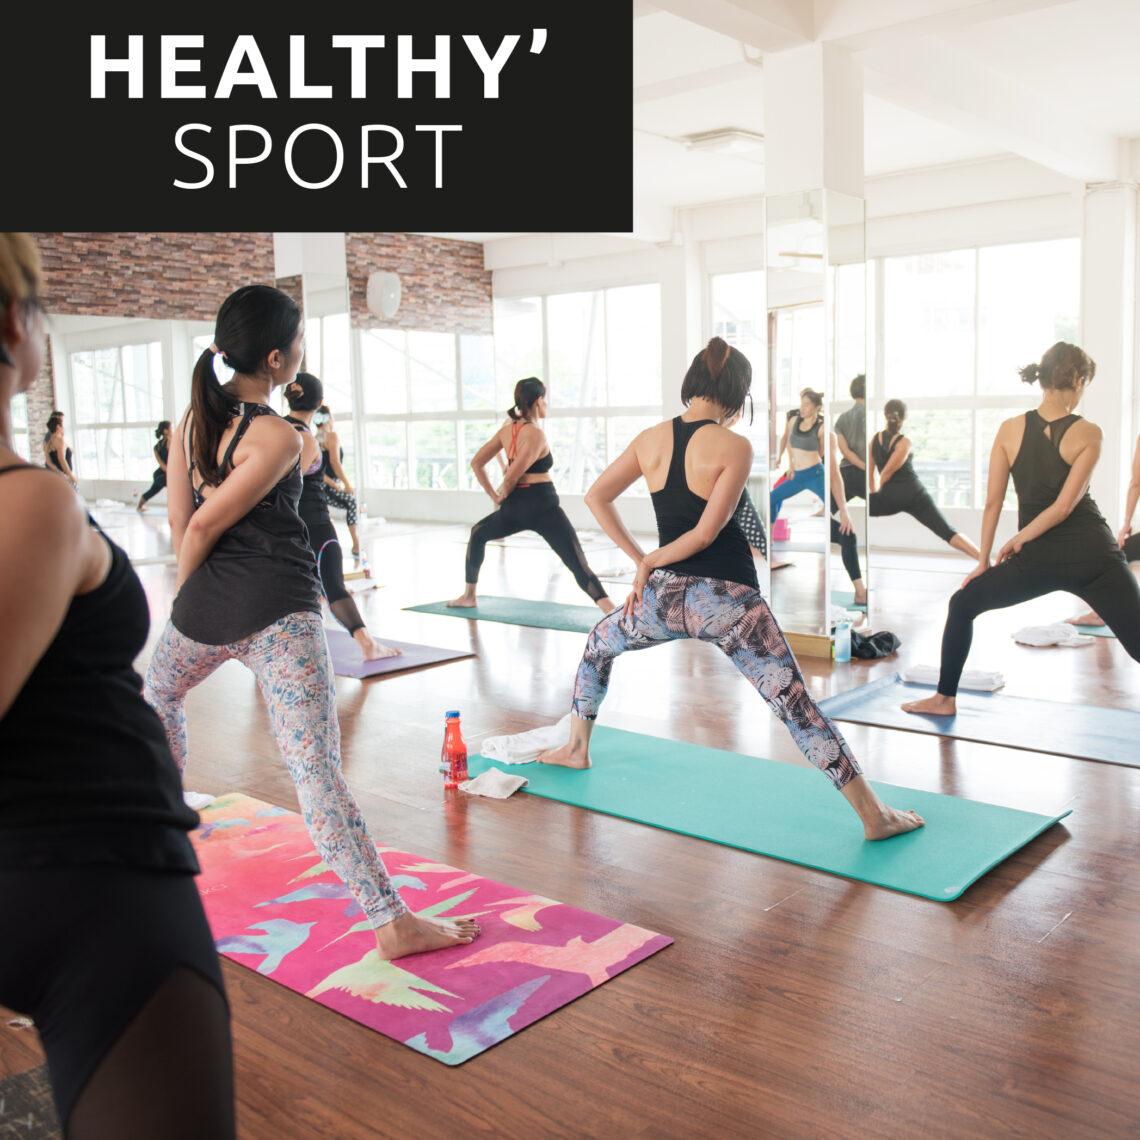 Régie Sportive Hutoise : Activité : HEALTHY'Sport